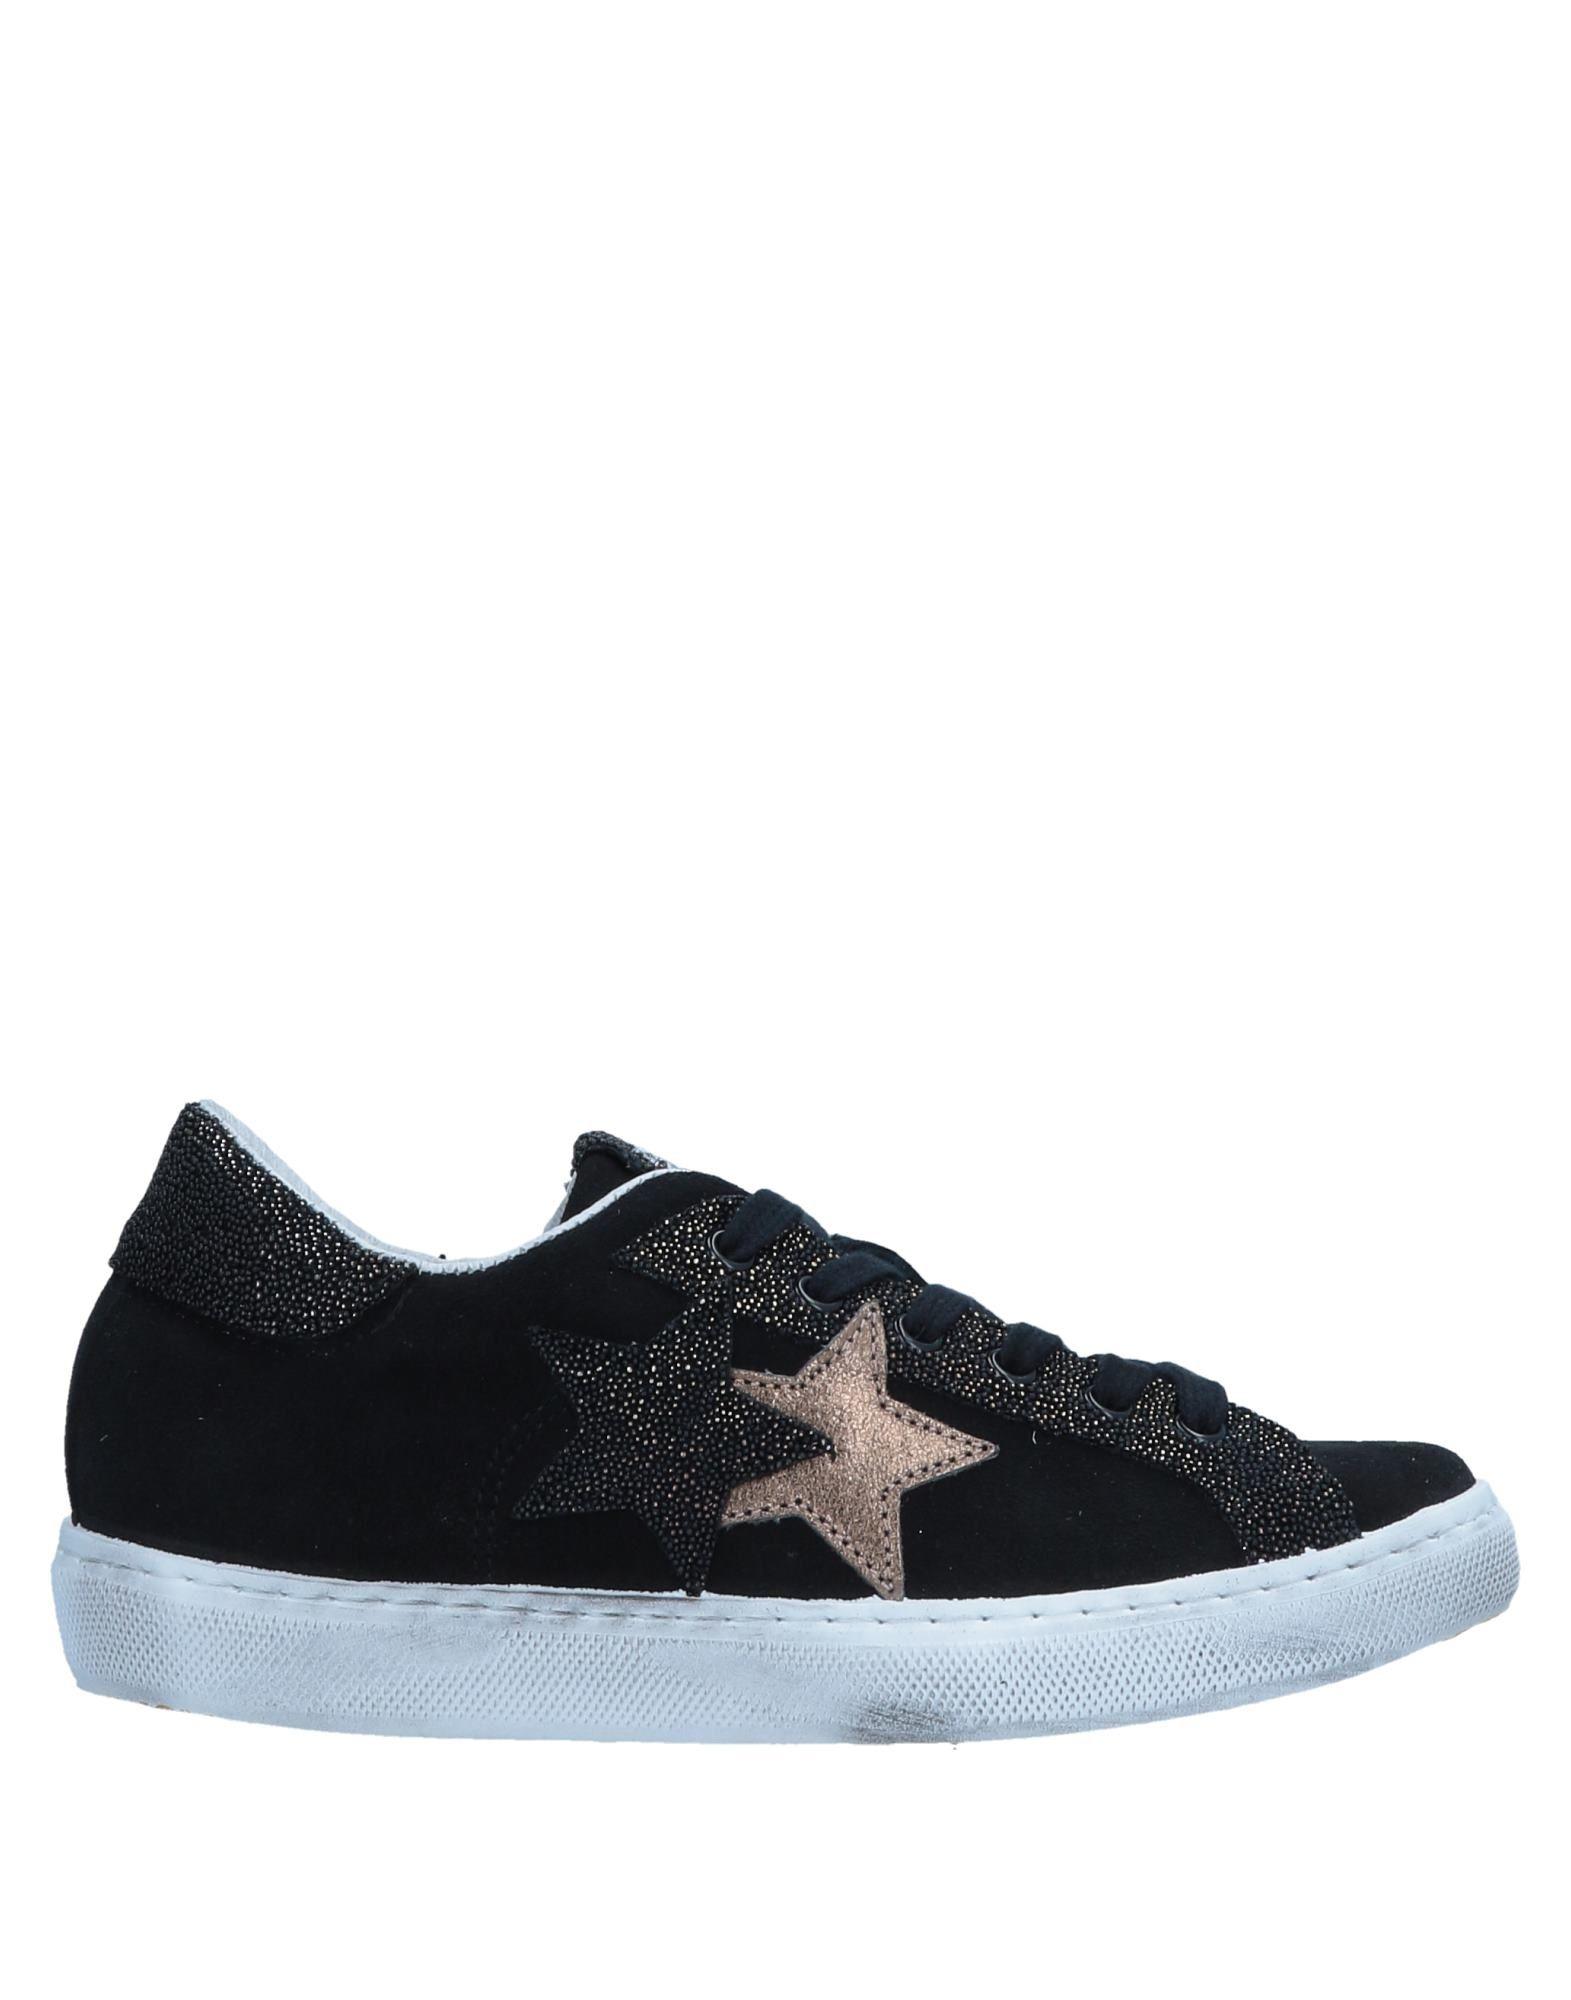 《送料無料》2STAR ガールズ 9-16 歳 スニーカー&テニスシューズ(ローカット) ブラック 35 革 / 紡績繊維